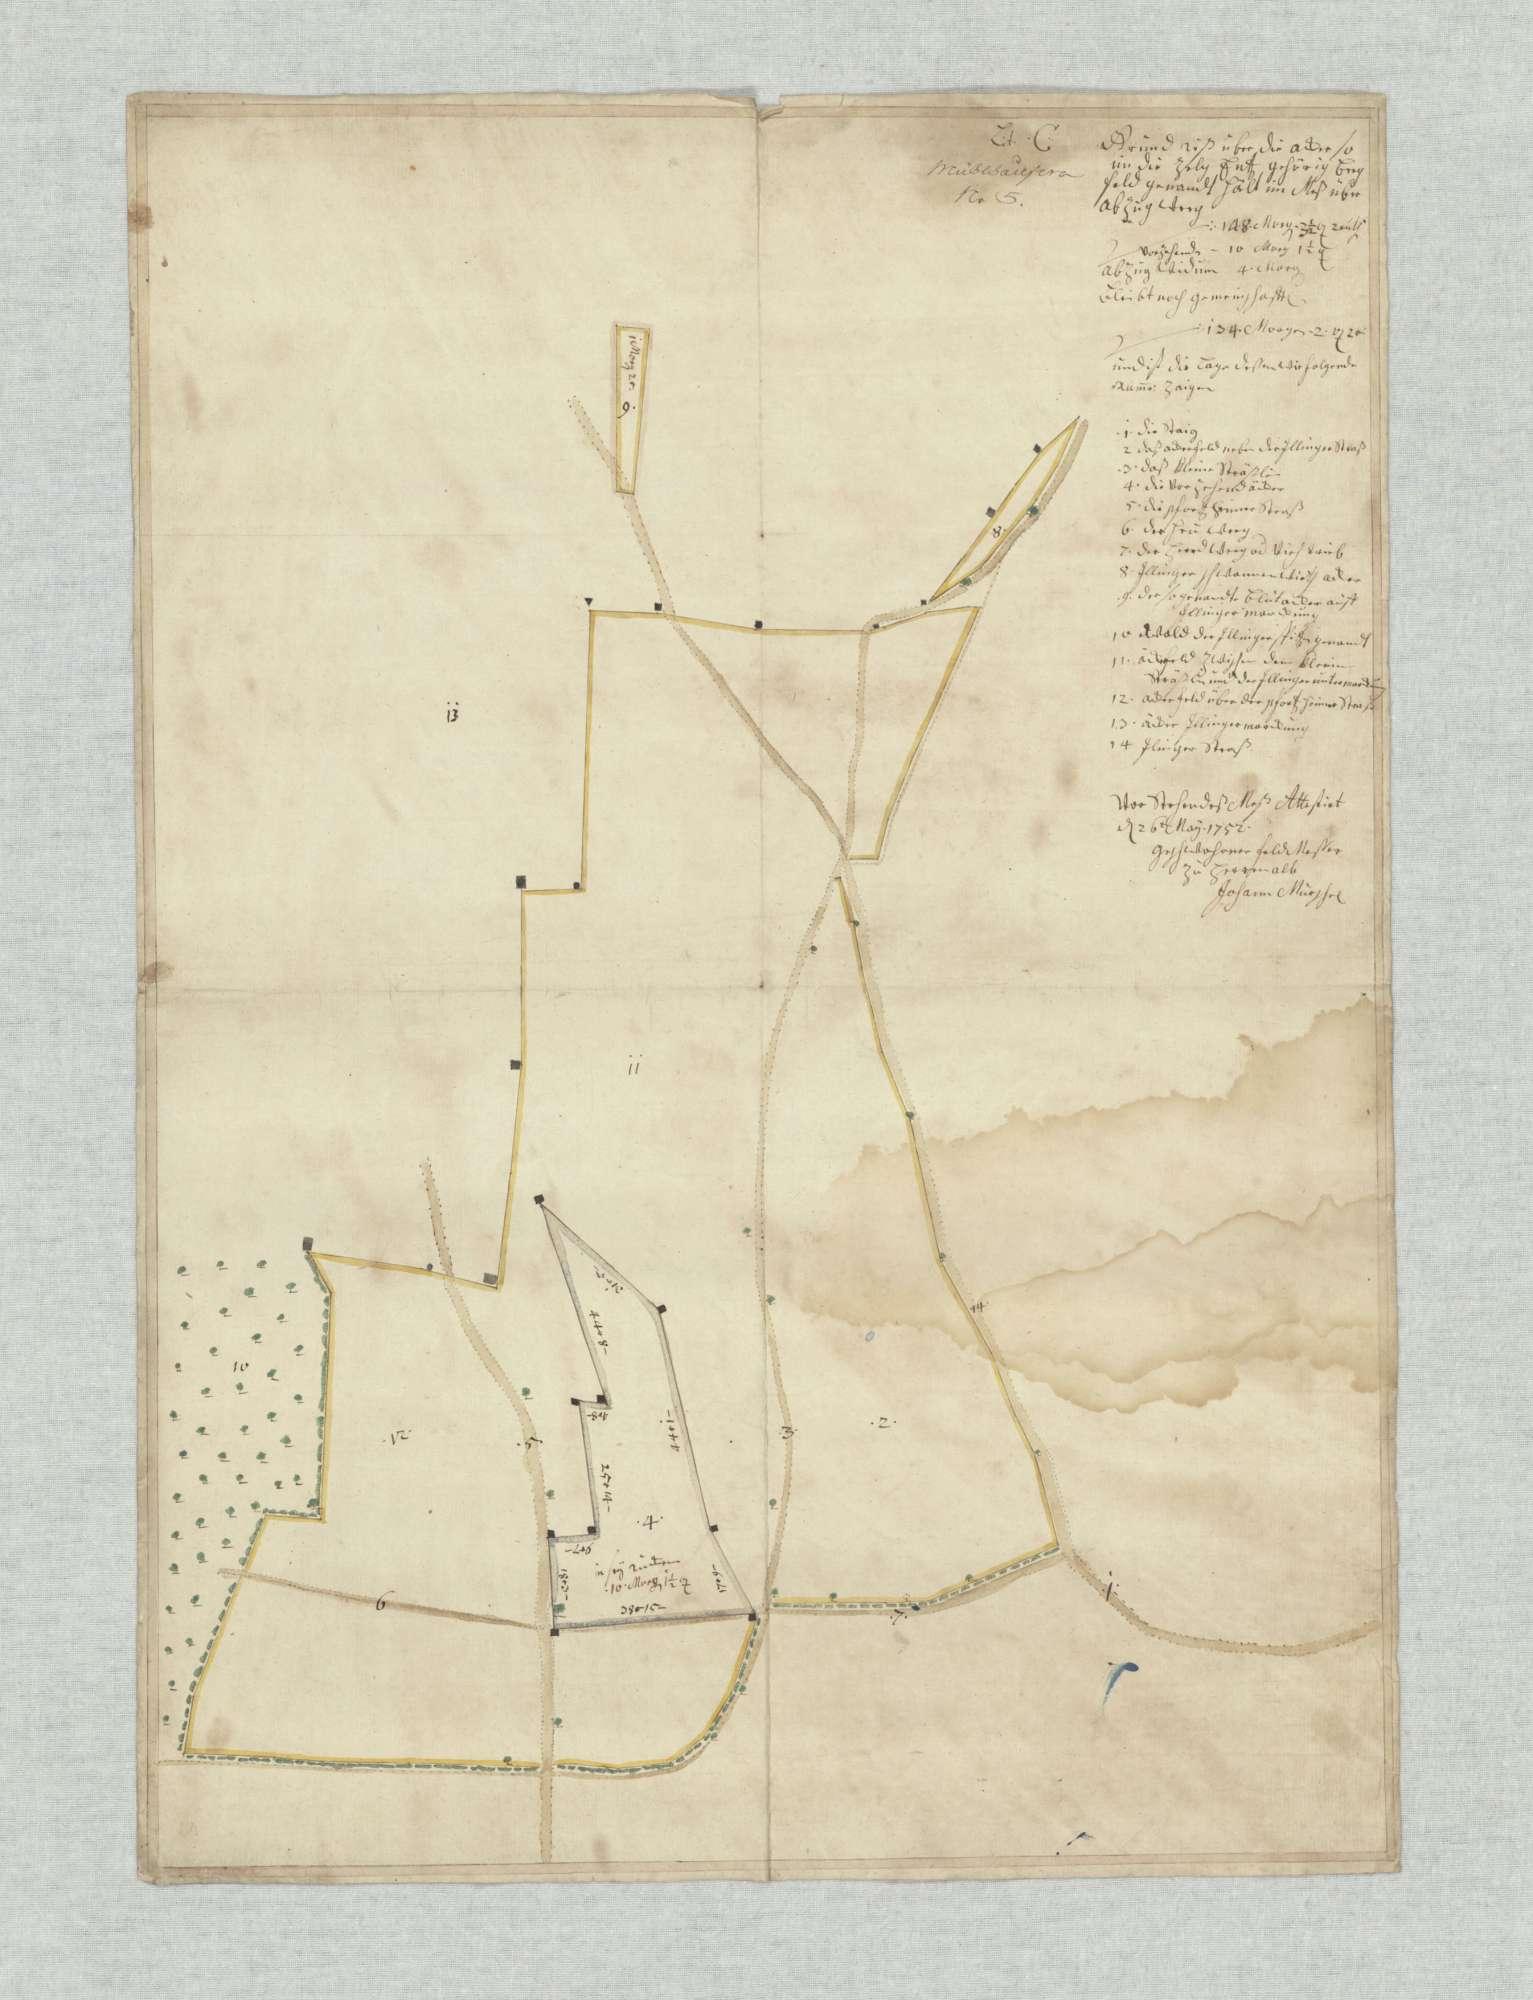 Nr. 5 [von späterer Hand] Lit. C: Grundriß über die Äcker so in die Zelg Entz gehörig Bergfeld genannt [o. Gesamttitel; Grundrisse über Felder in den ZeIgen Oberau, Unterau und Enz], Bild 2